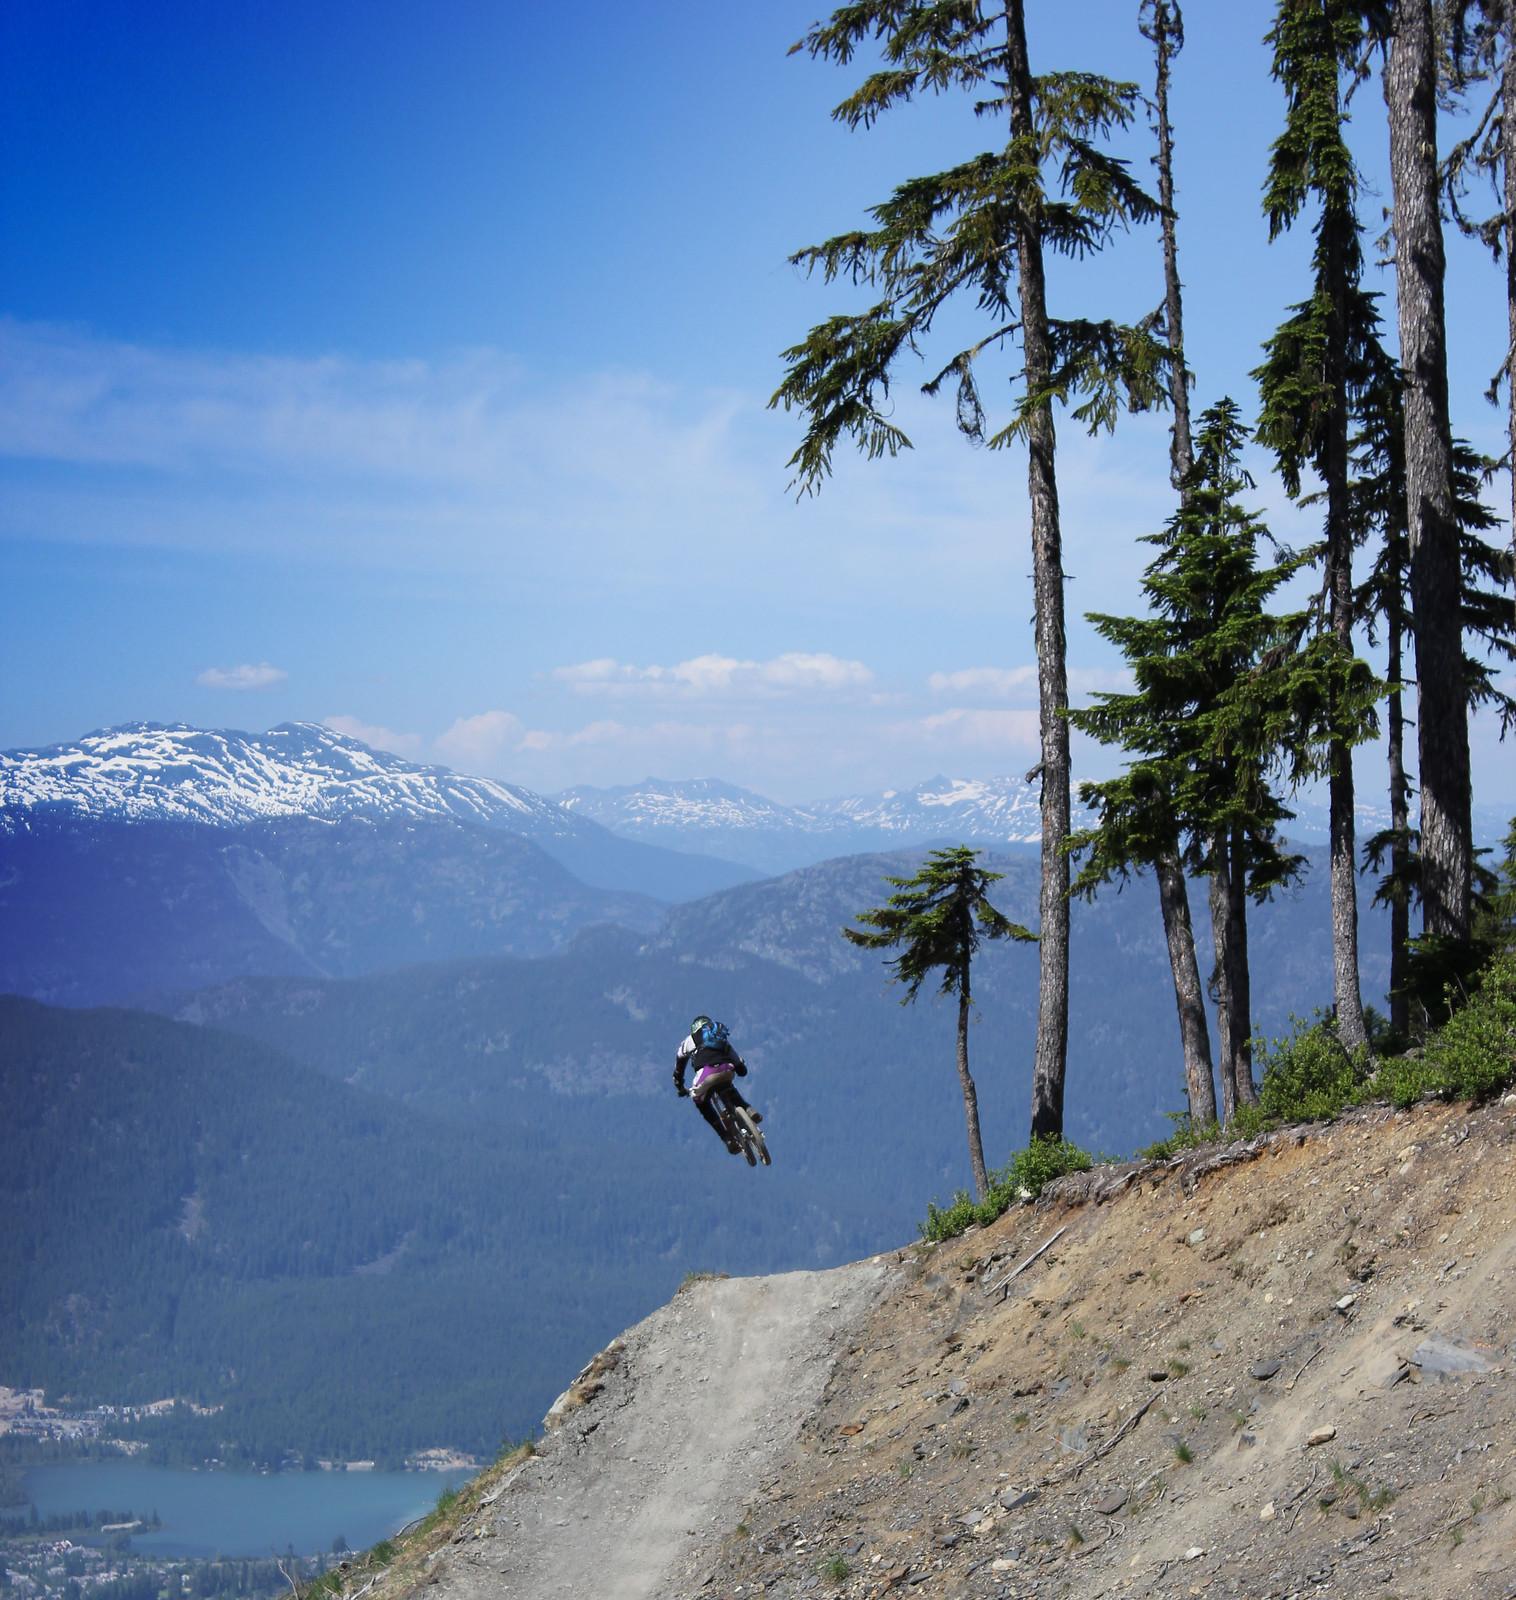 Kristof hip - NAYR - Mountain Biking Pictures - Vital MTB